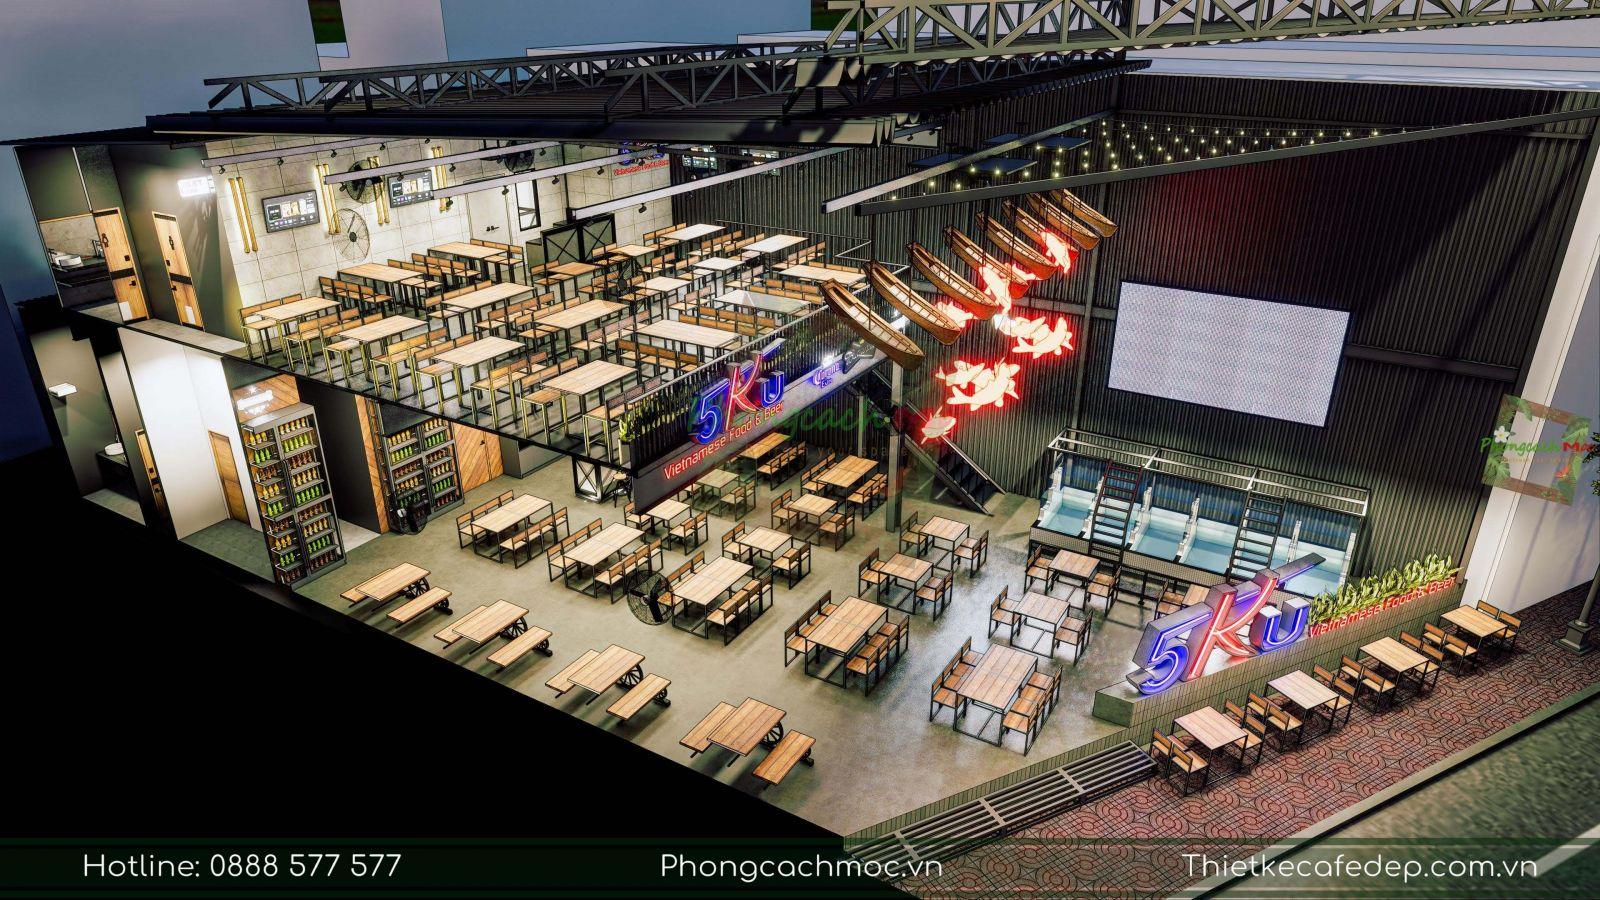 mẫu thiết kế dự án nhà hàng 5ku